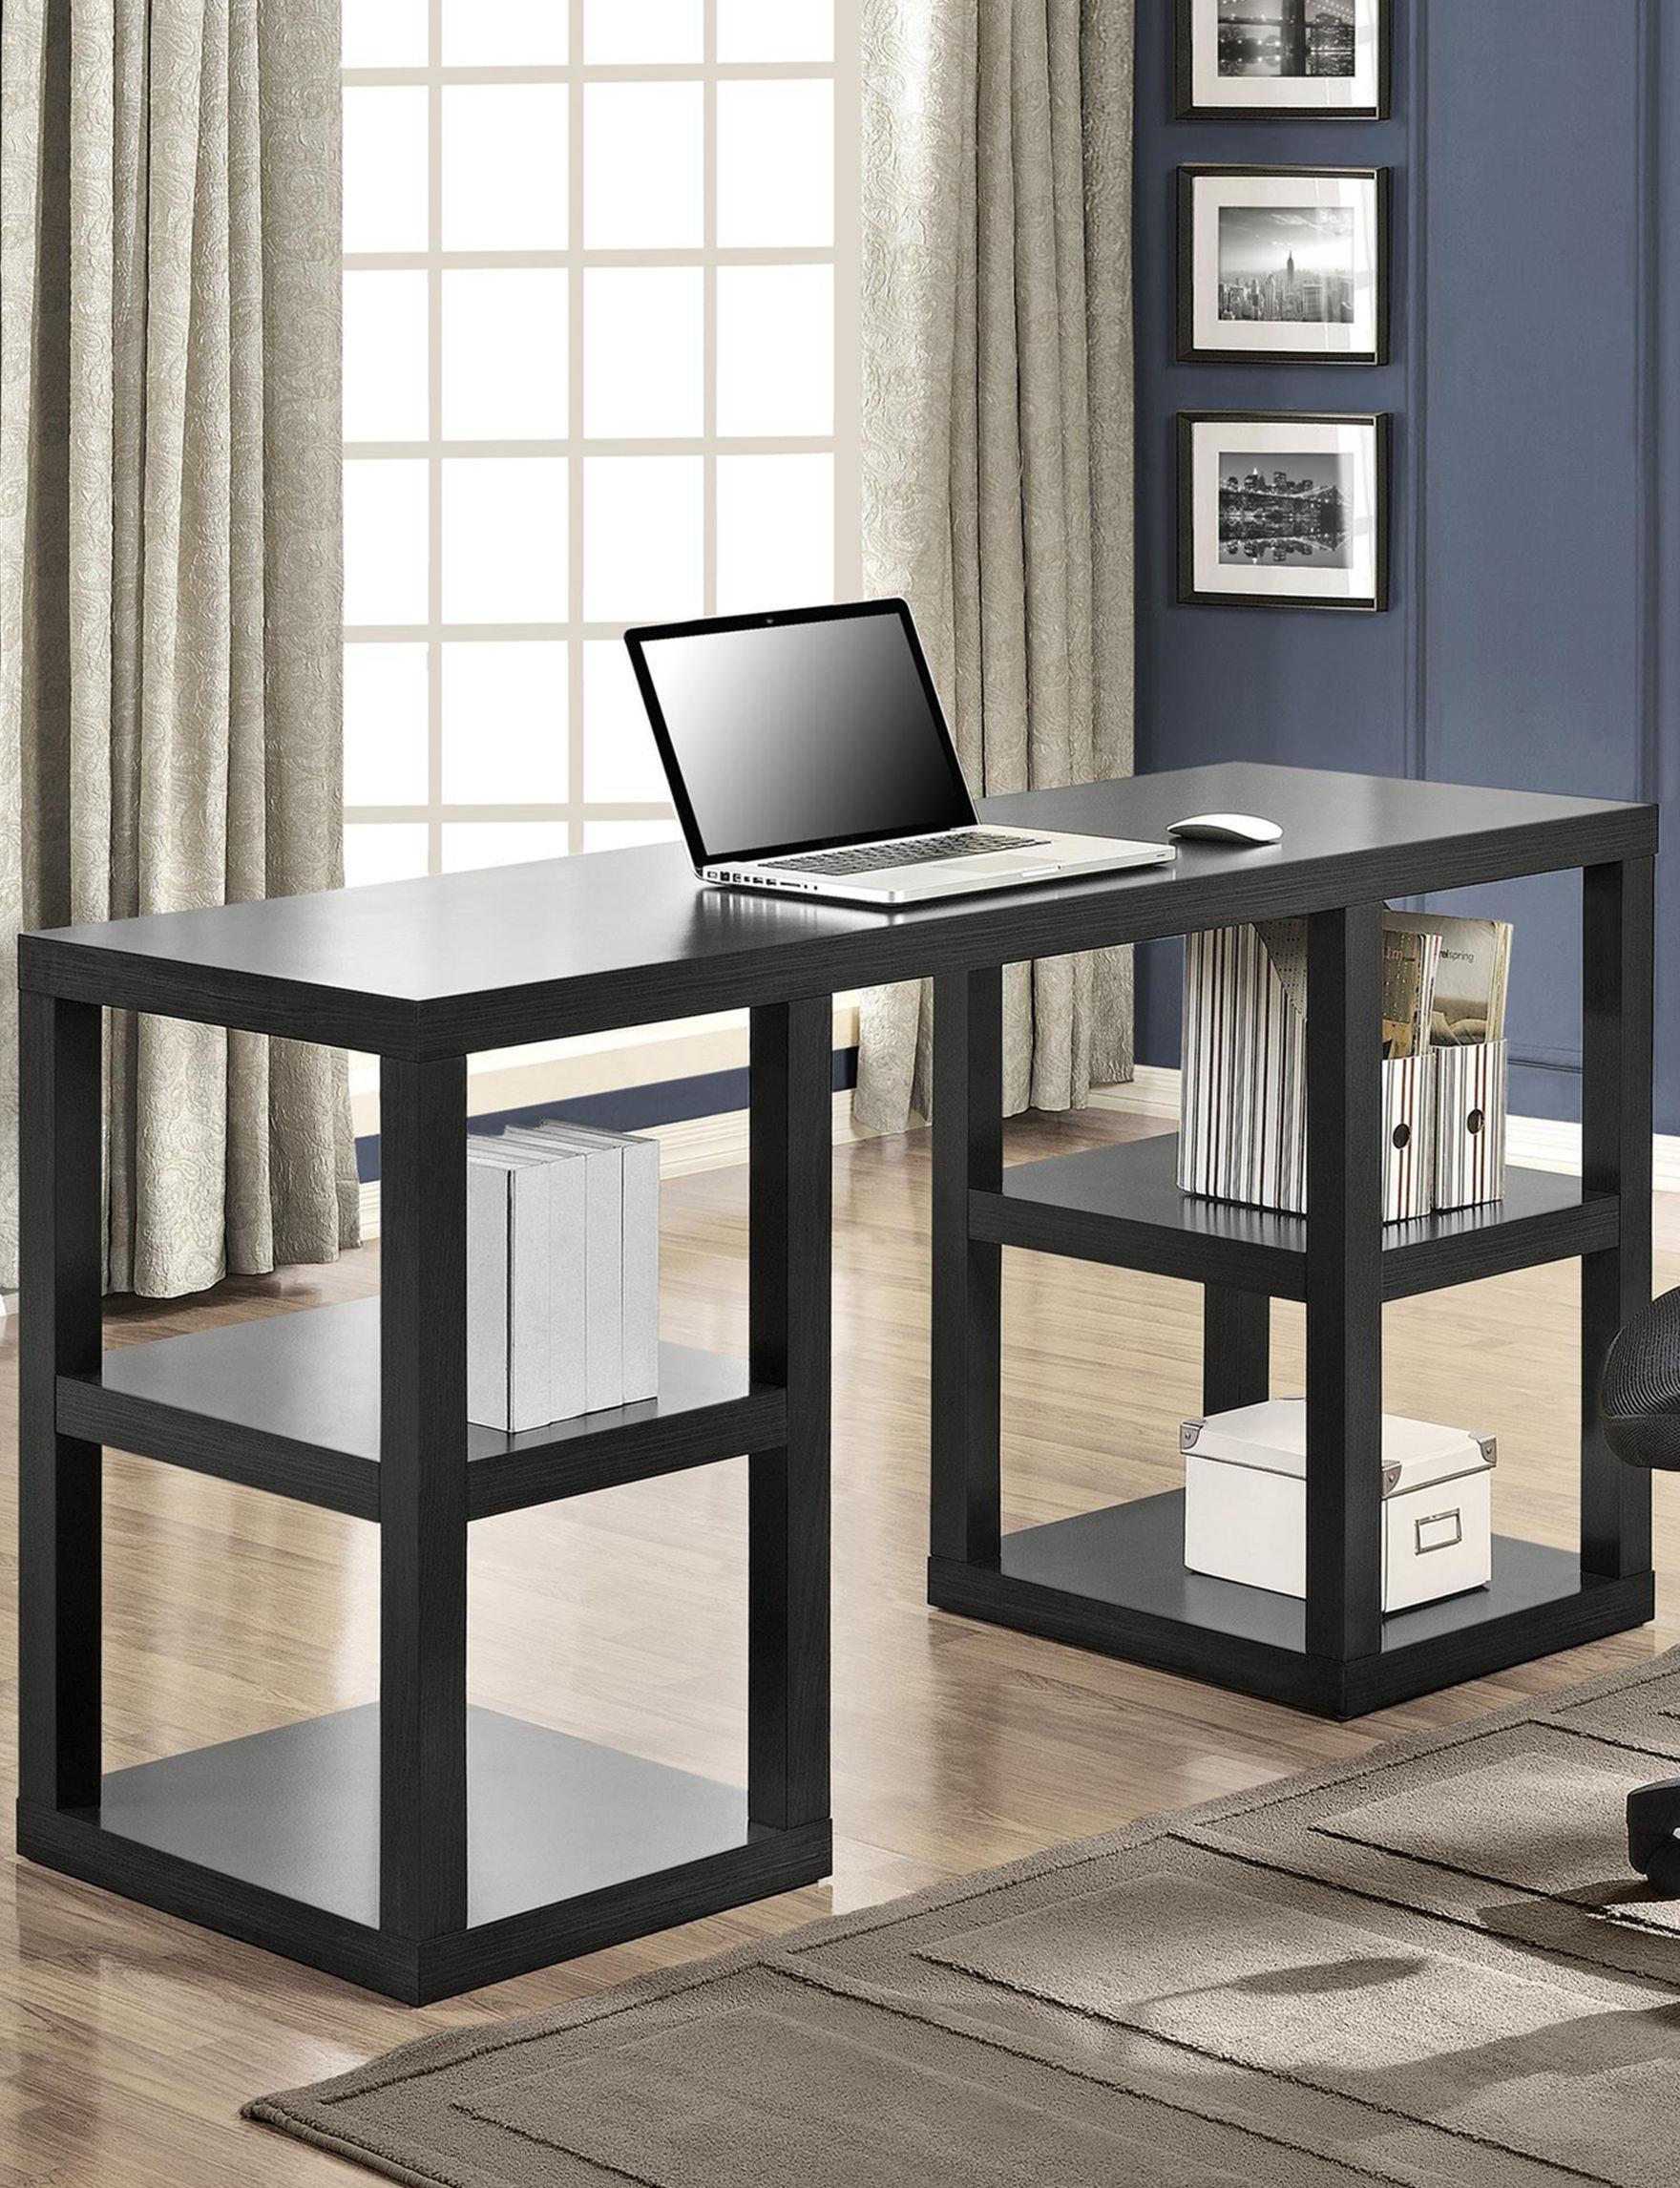 Ameriwood Black Desks Home Office Furniture